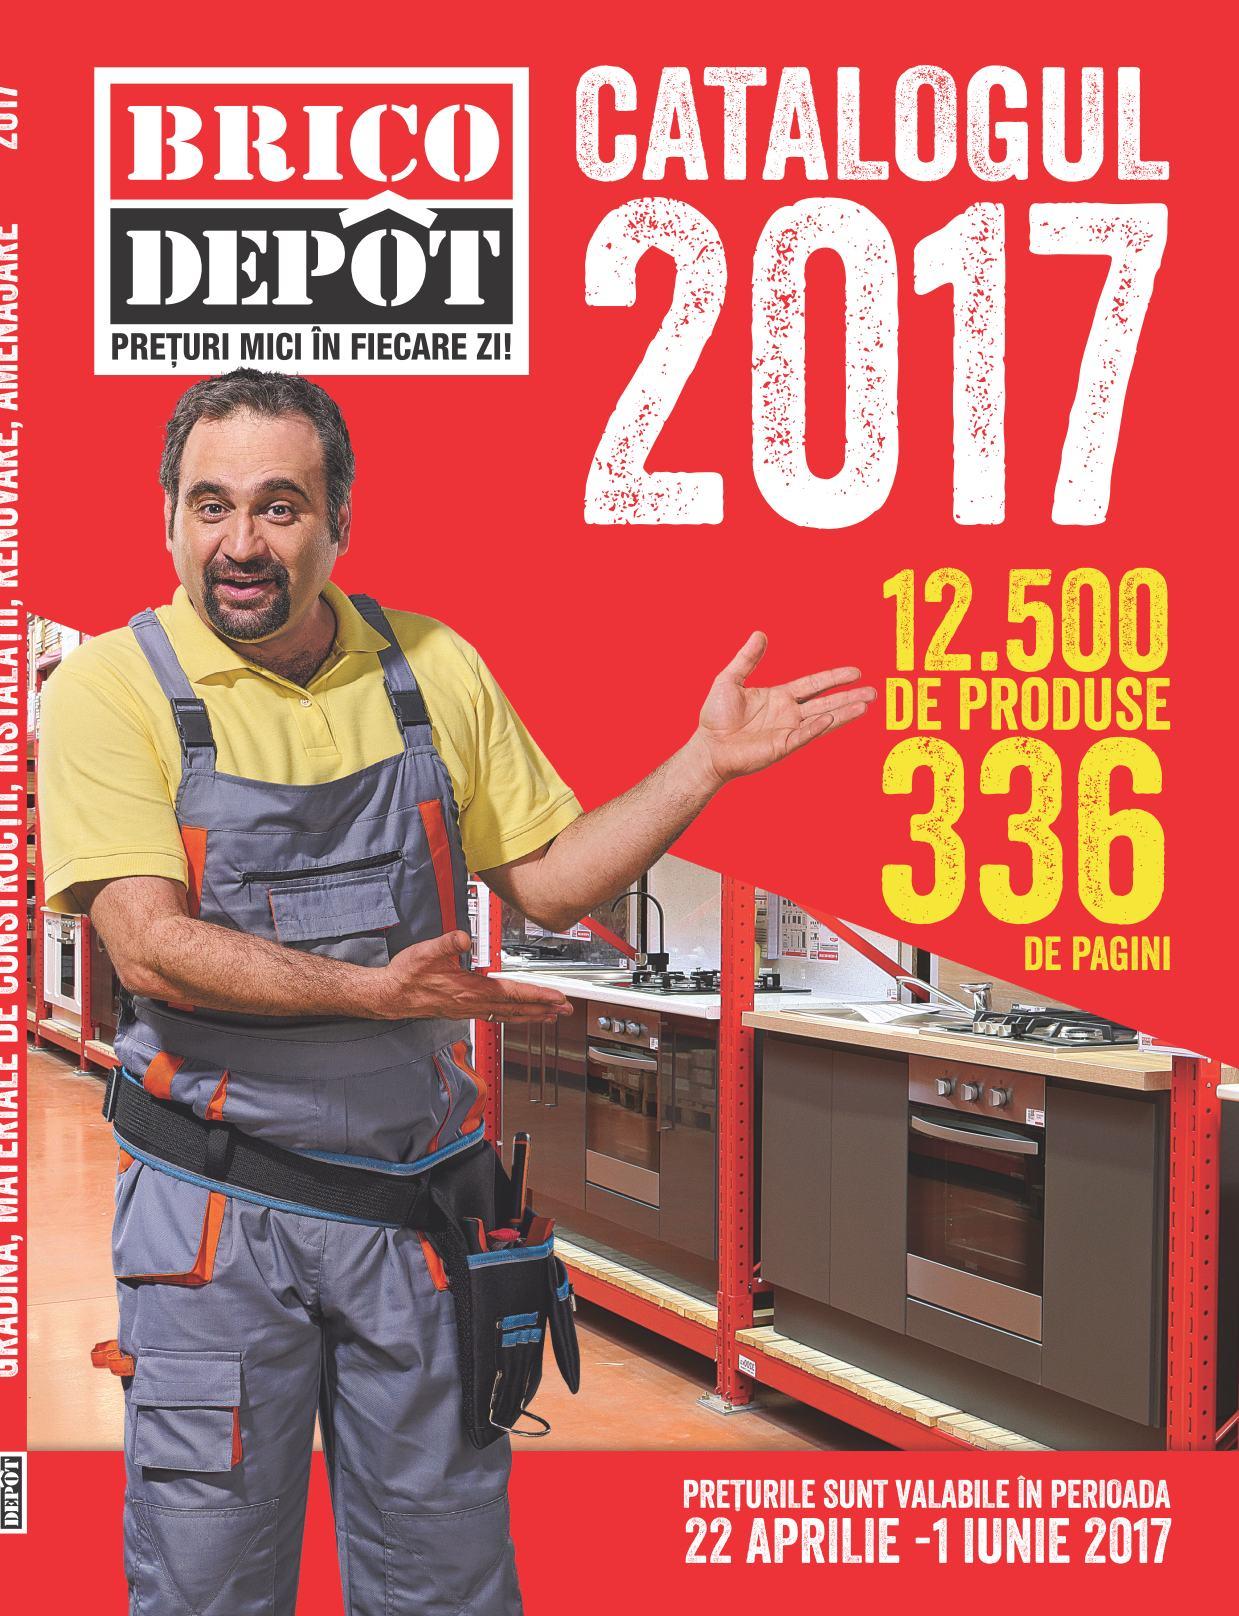 catalog-Brico-Depot-336-de-Pagini-Aprilie-Decembrie-2017 Impressionnant De Carport Brico Depot Des Idées